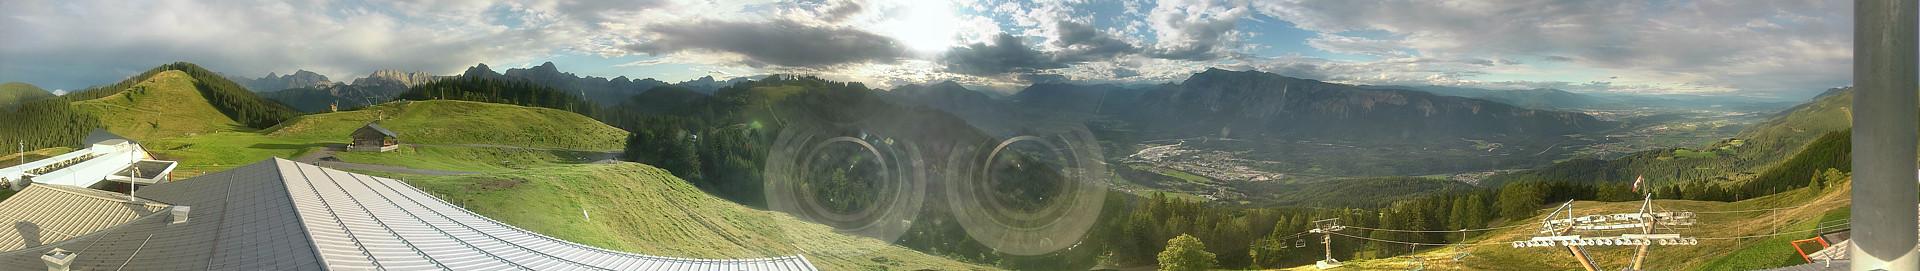 Dreiländereck, Panorama